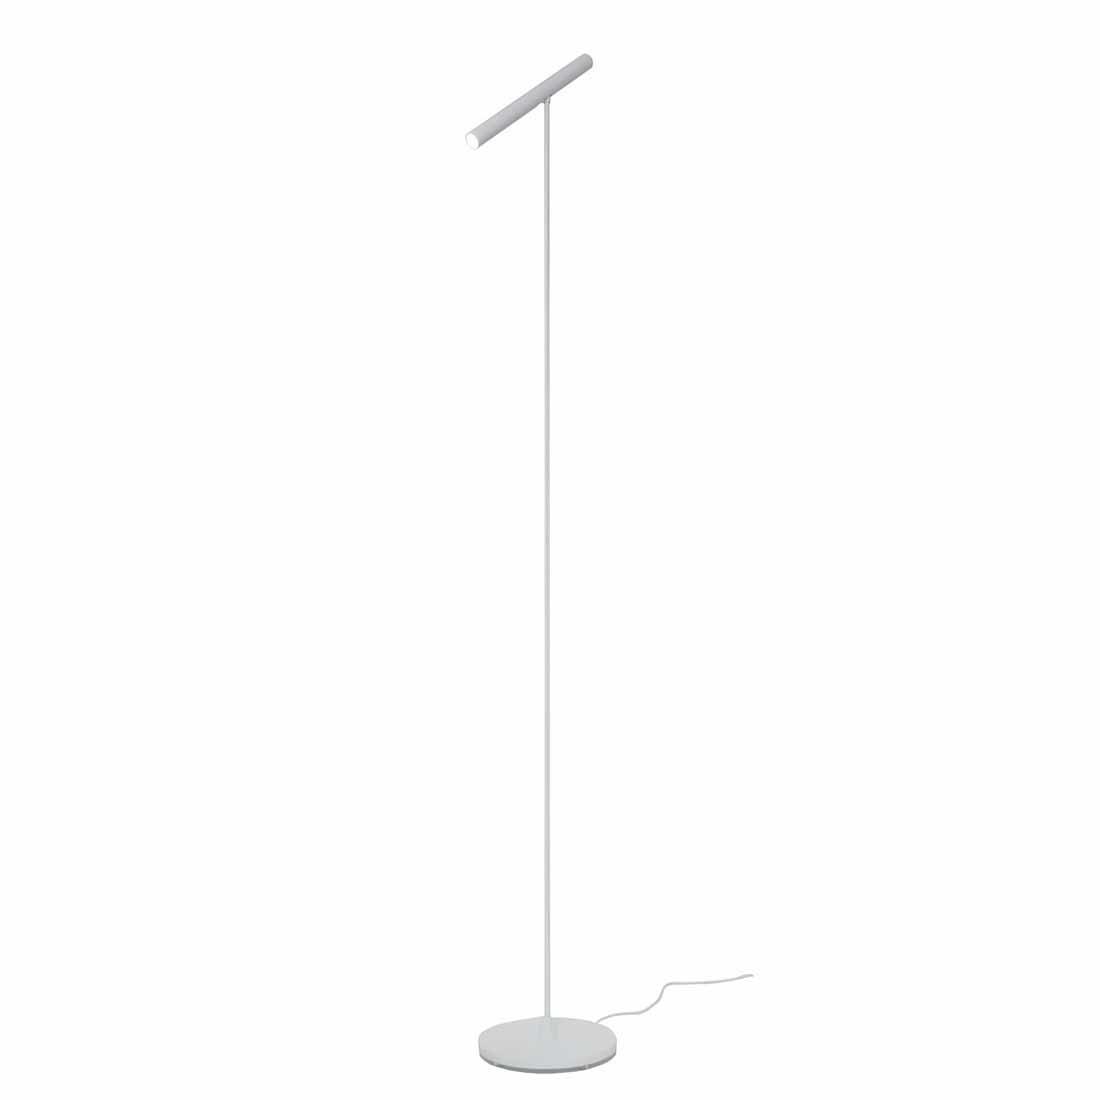 Artdelight Vloerlamp Harper H 140 cm sensor dimmer wit